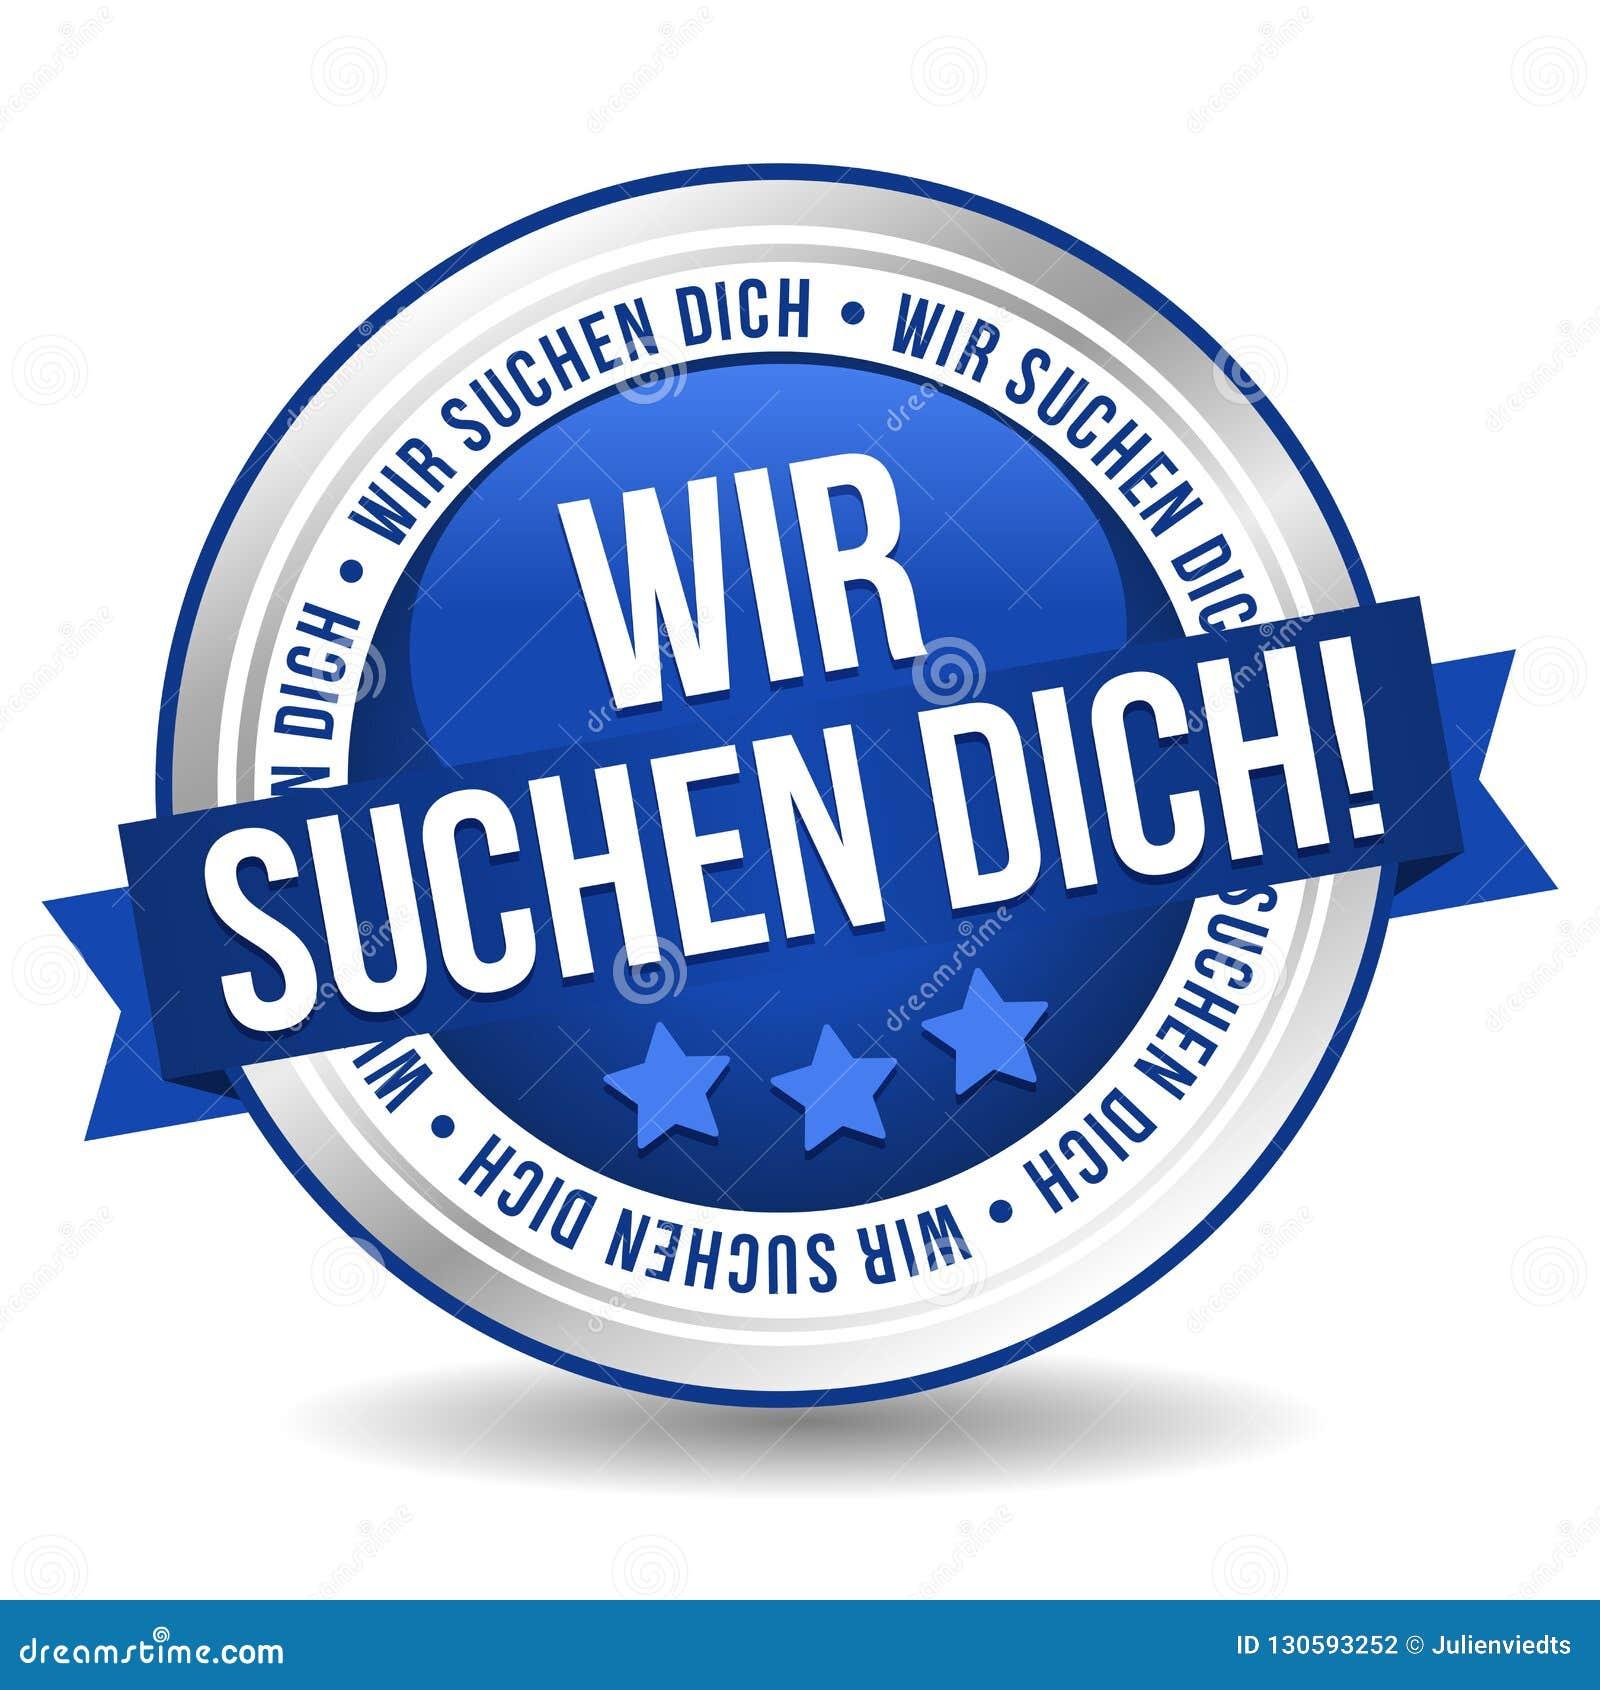 Vi önskar dig emblemknappen - Tysk-översättning: Wir suchen dich!